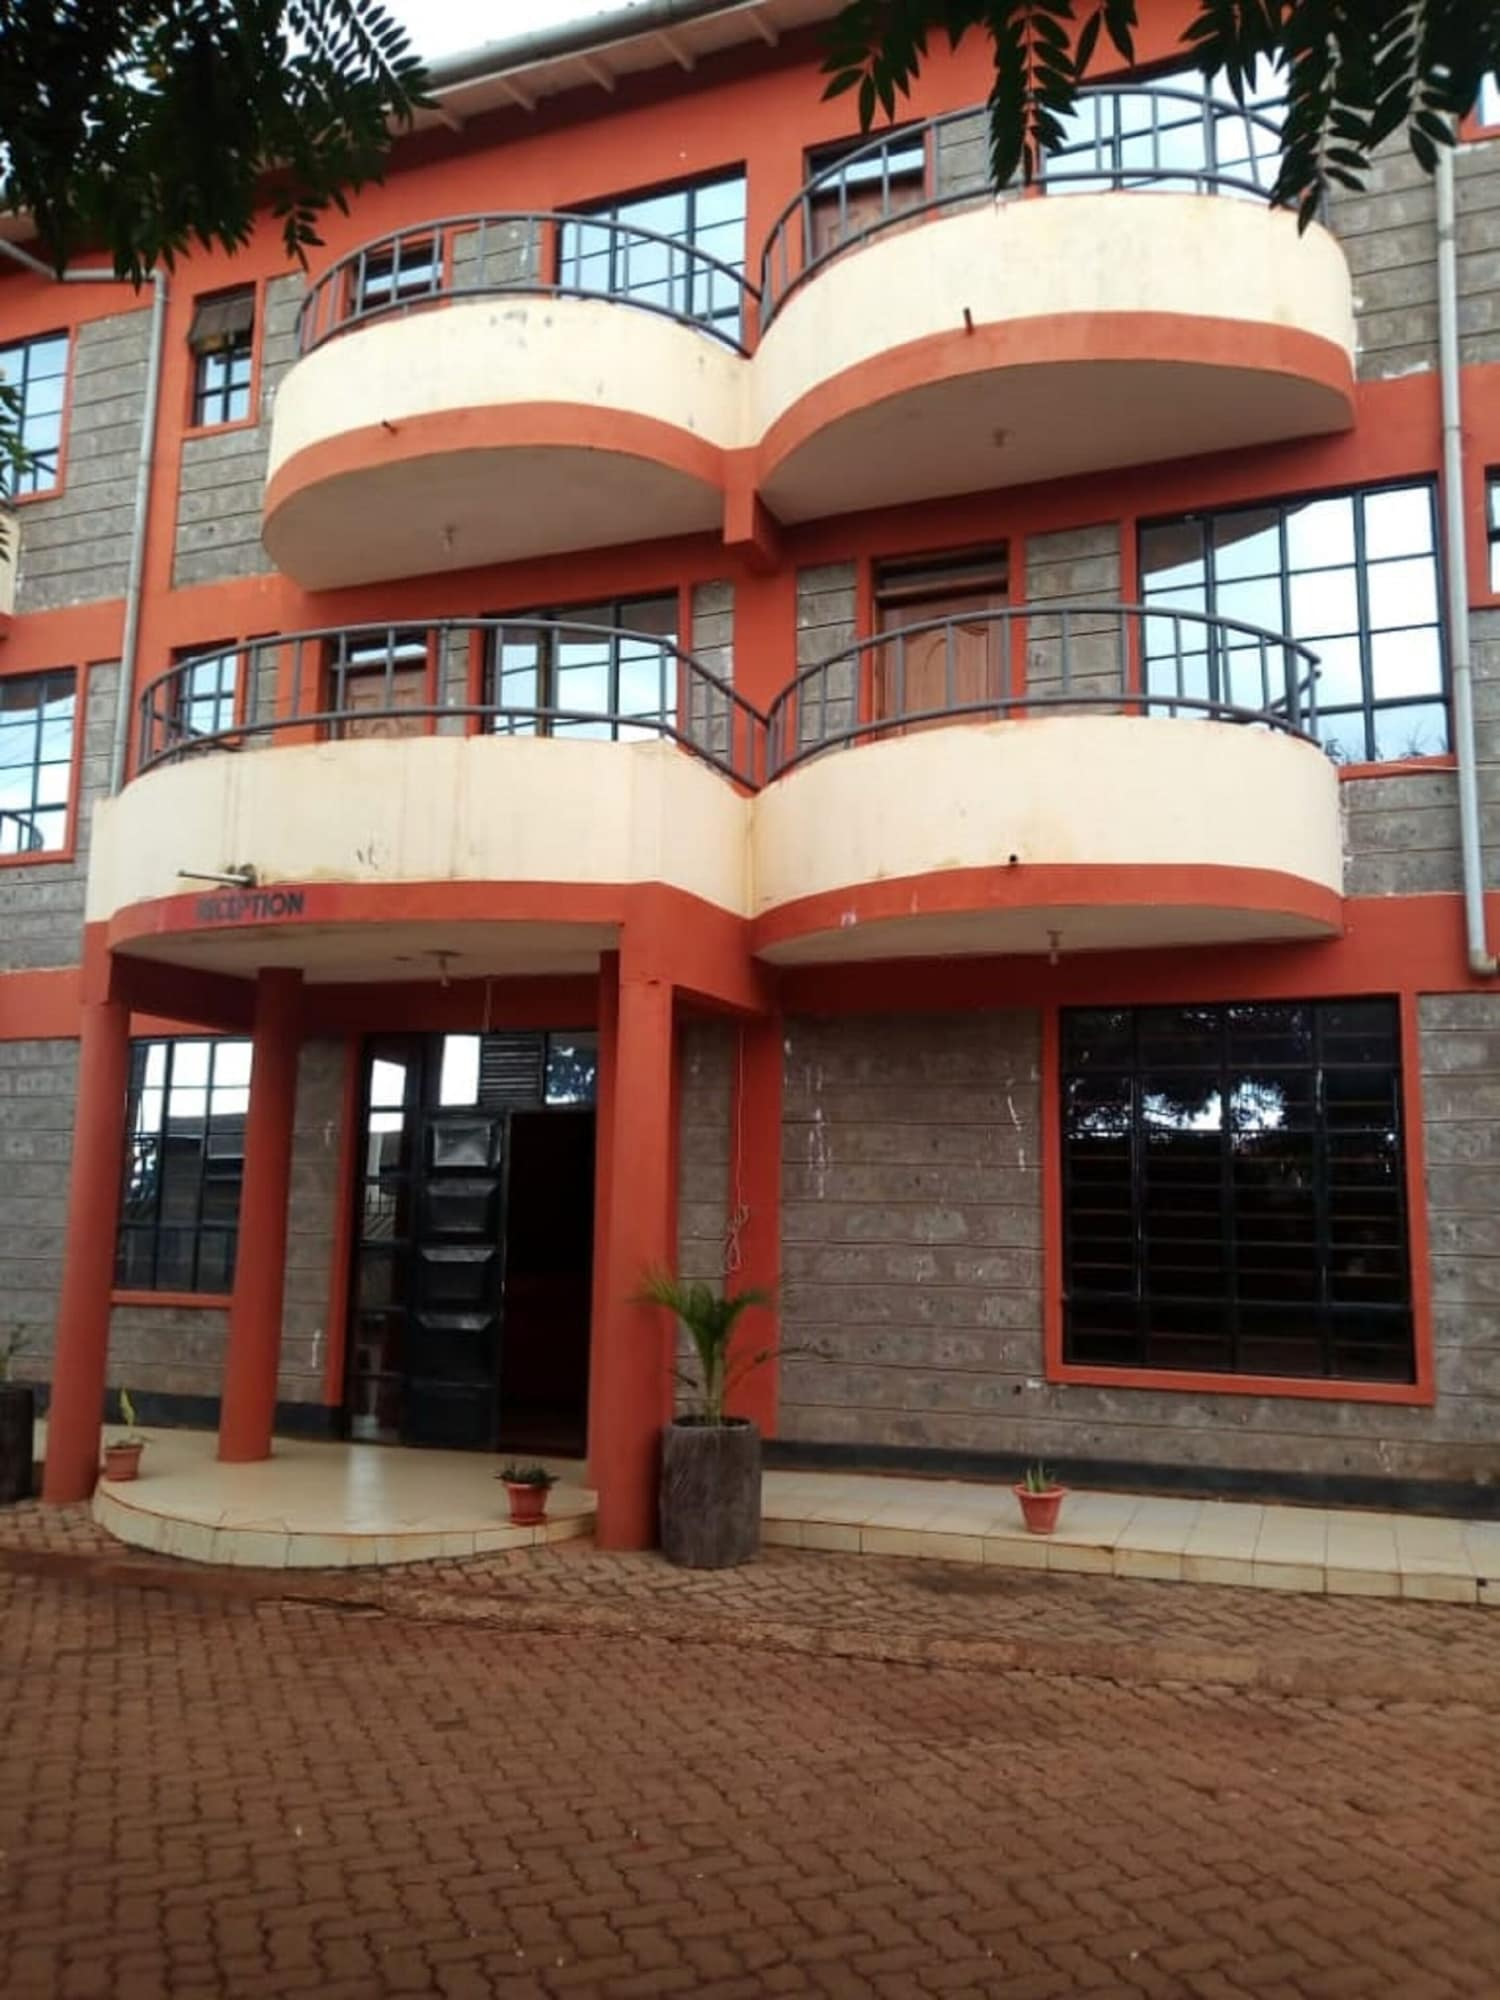 Makindu Diamond Hotel, Kibwezi West